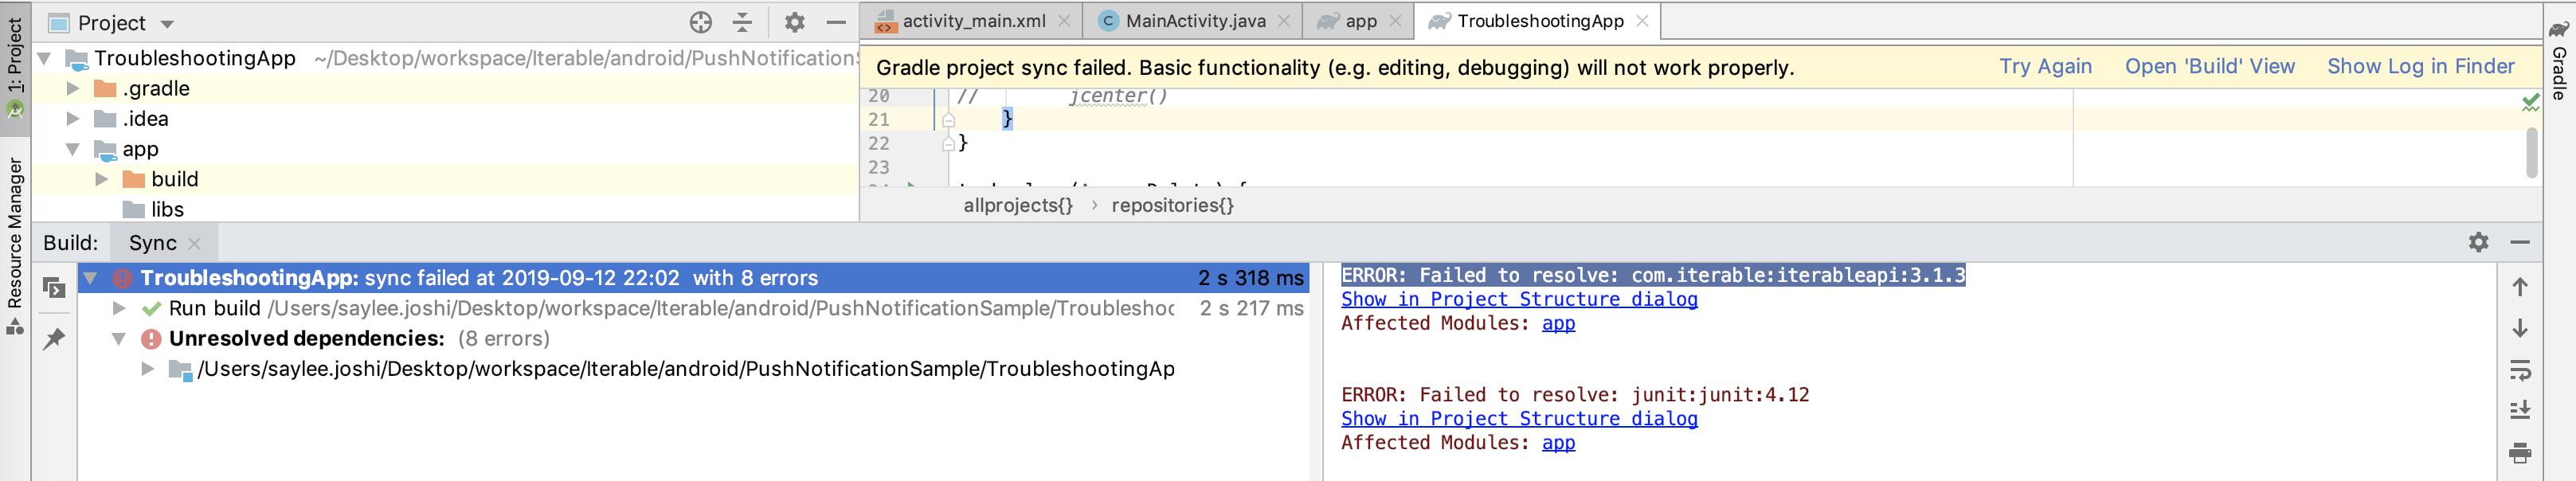 Failed API